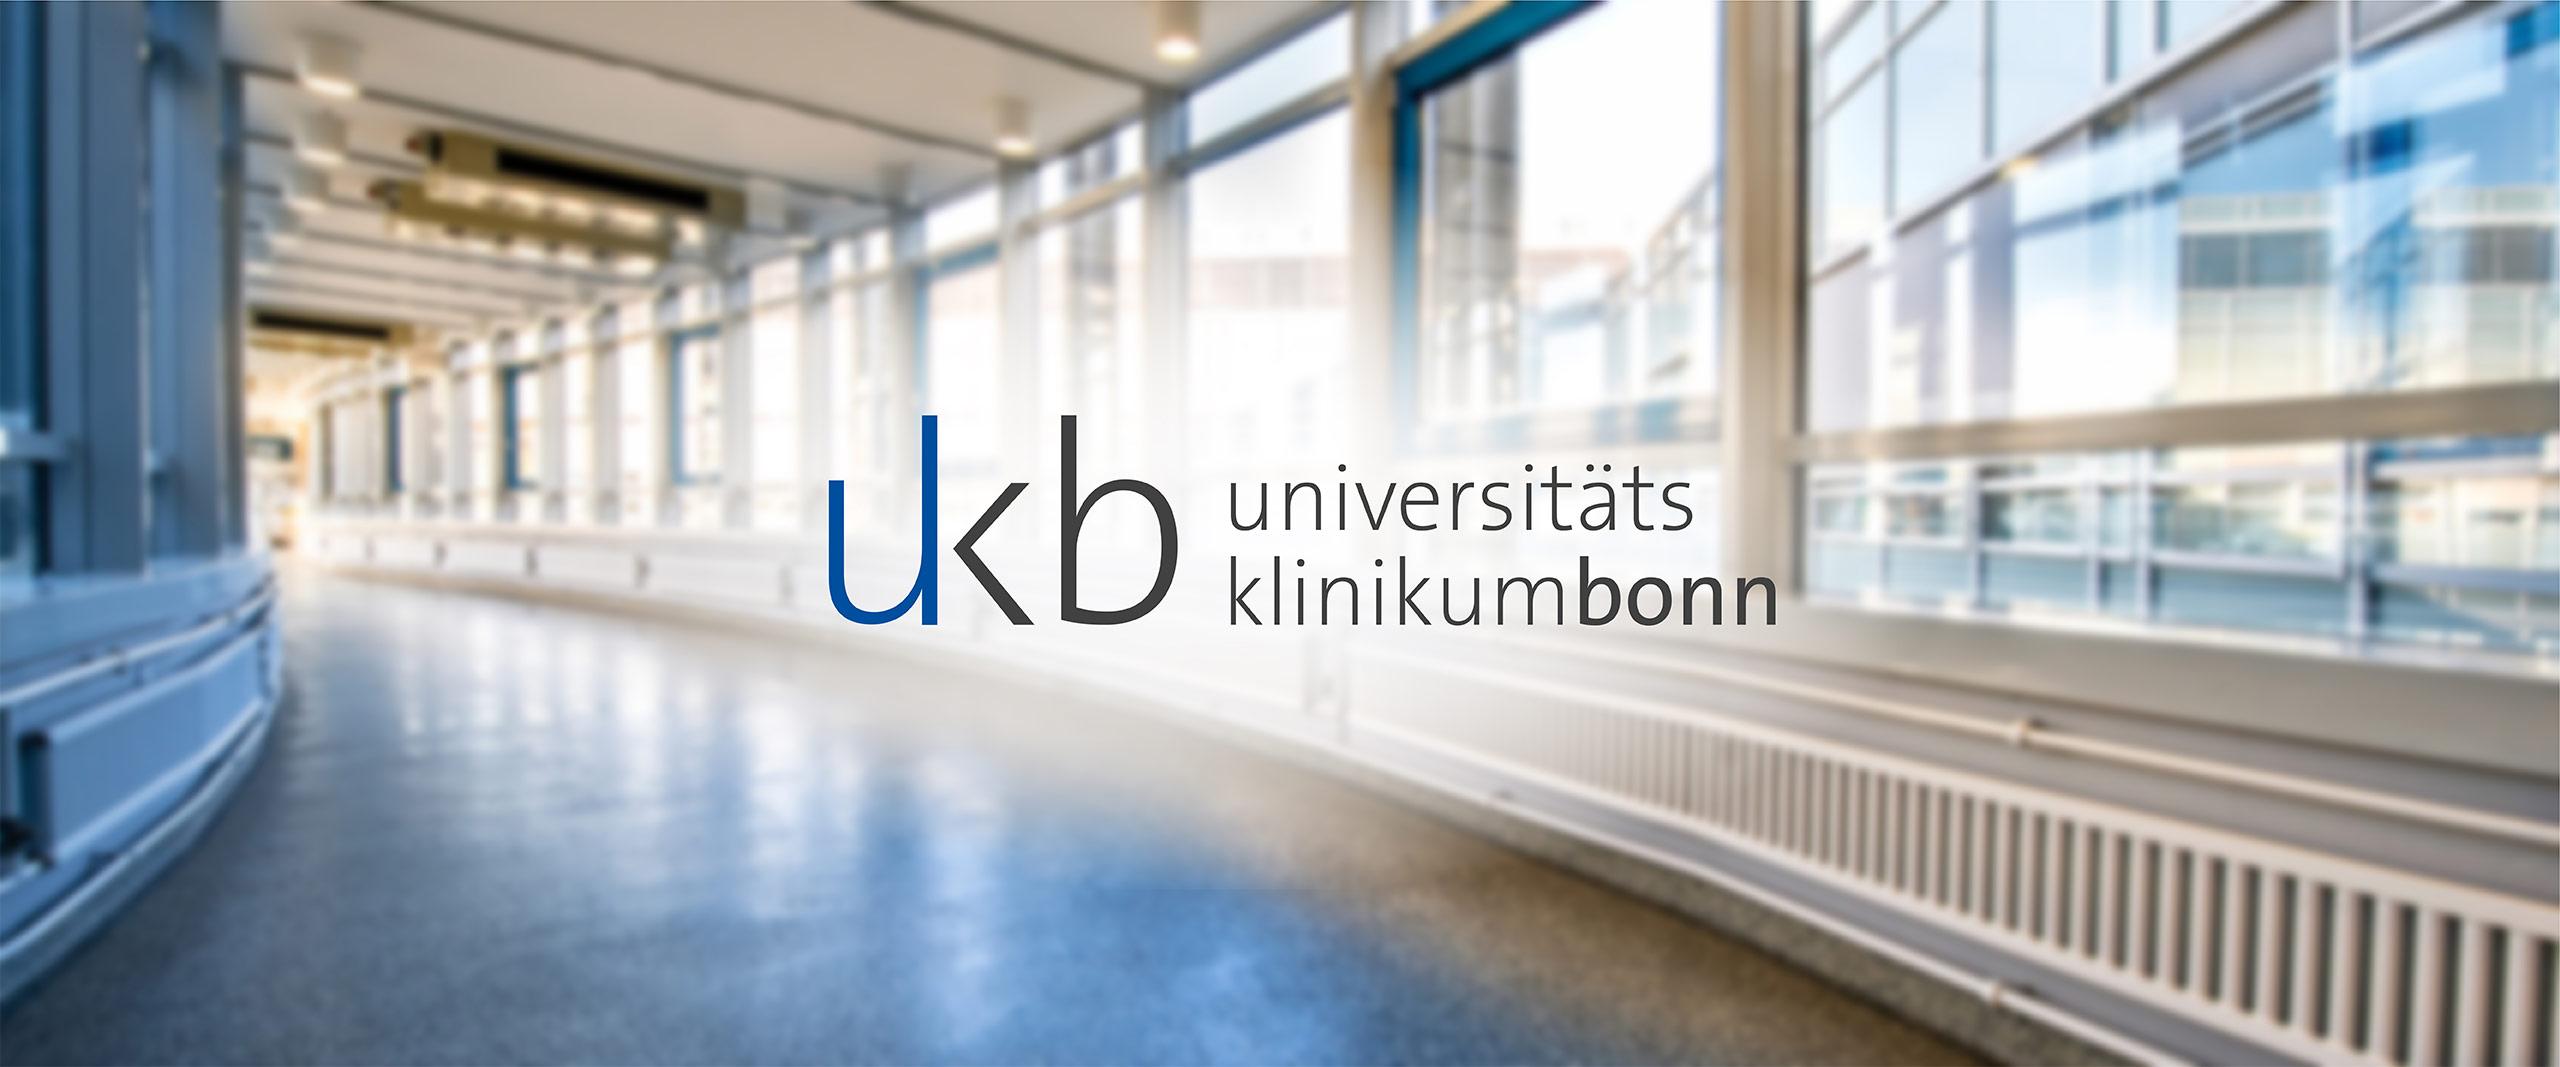 Institut für Hygiene und öffentliche Gesundheit am UKB feiert sein 125-jähriges Jubiläum